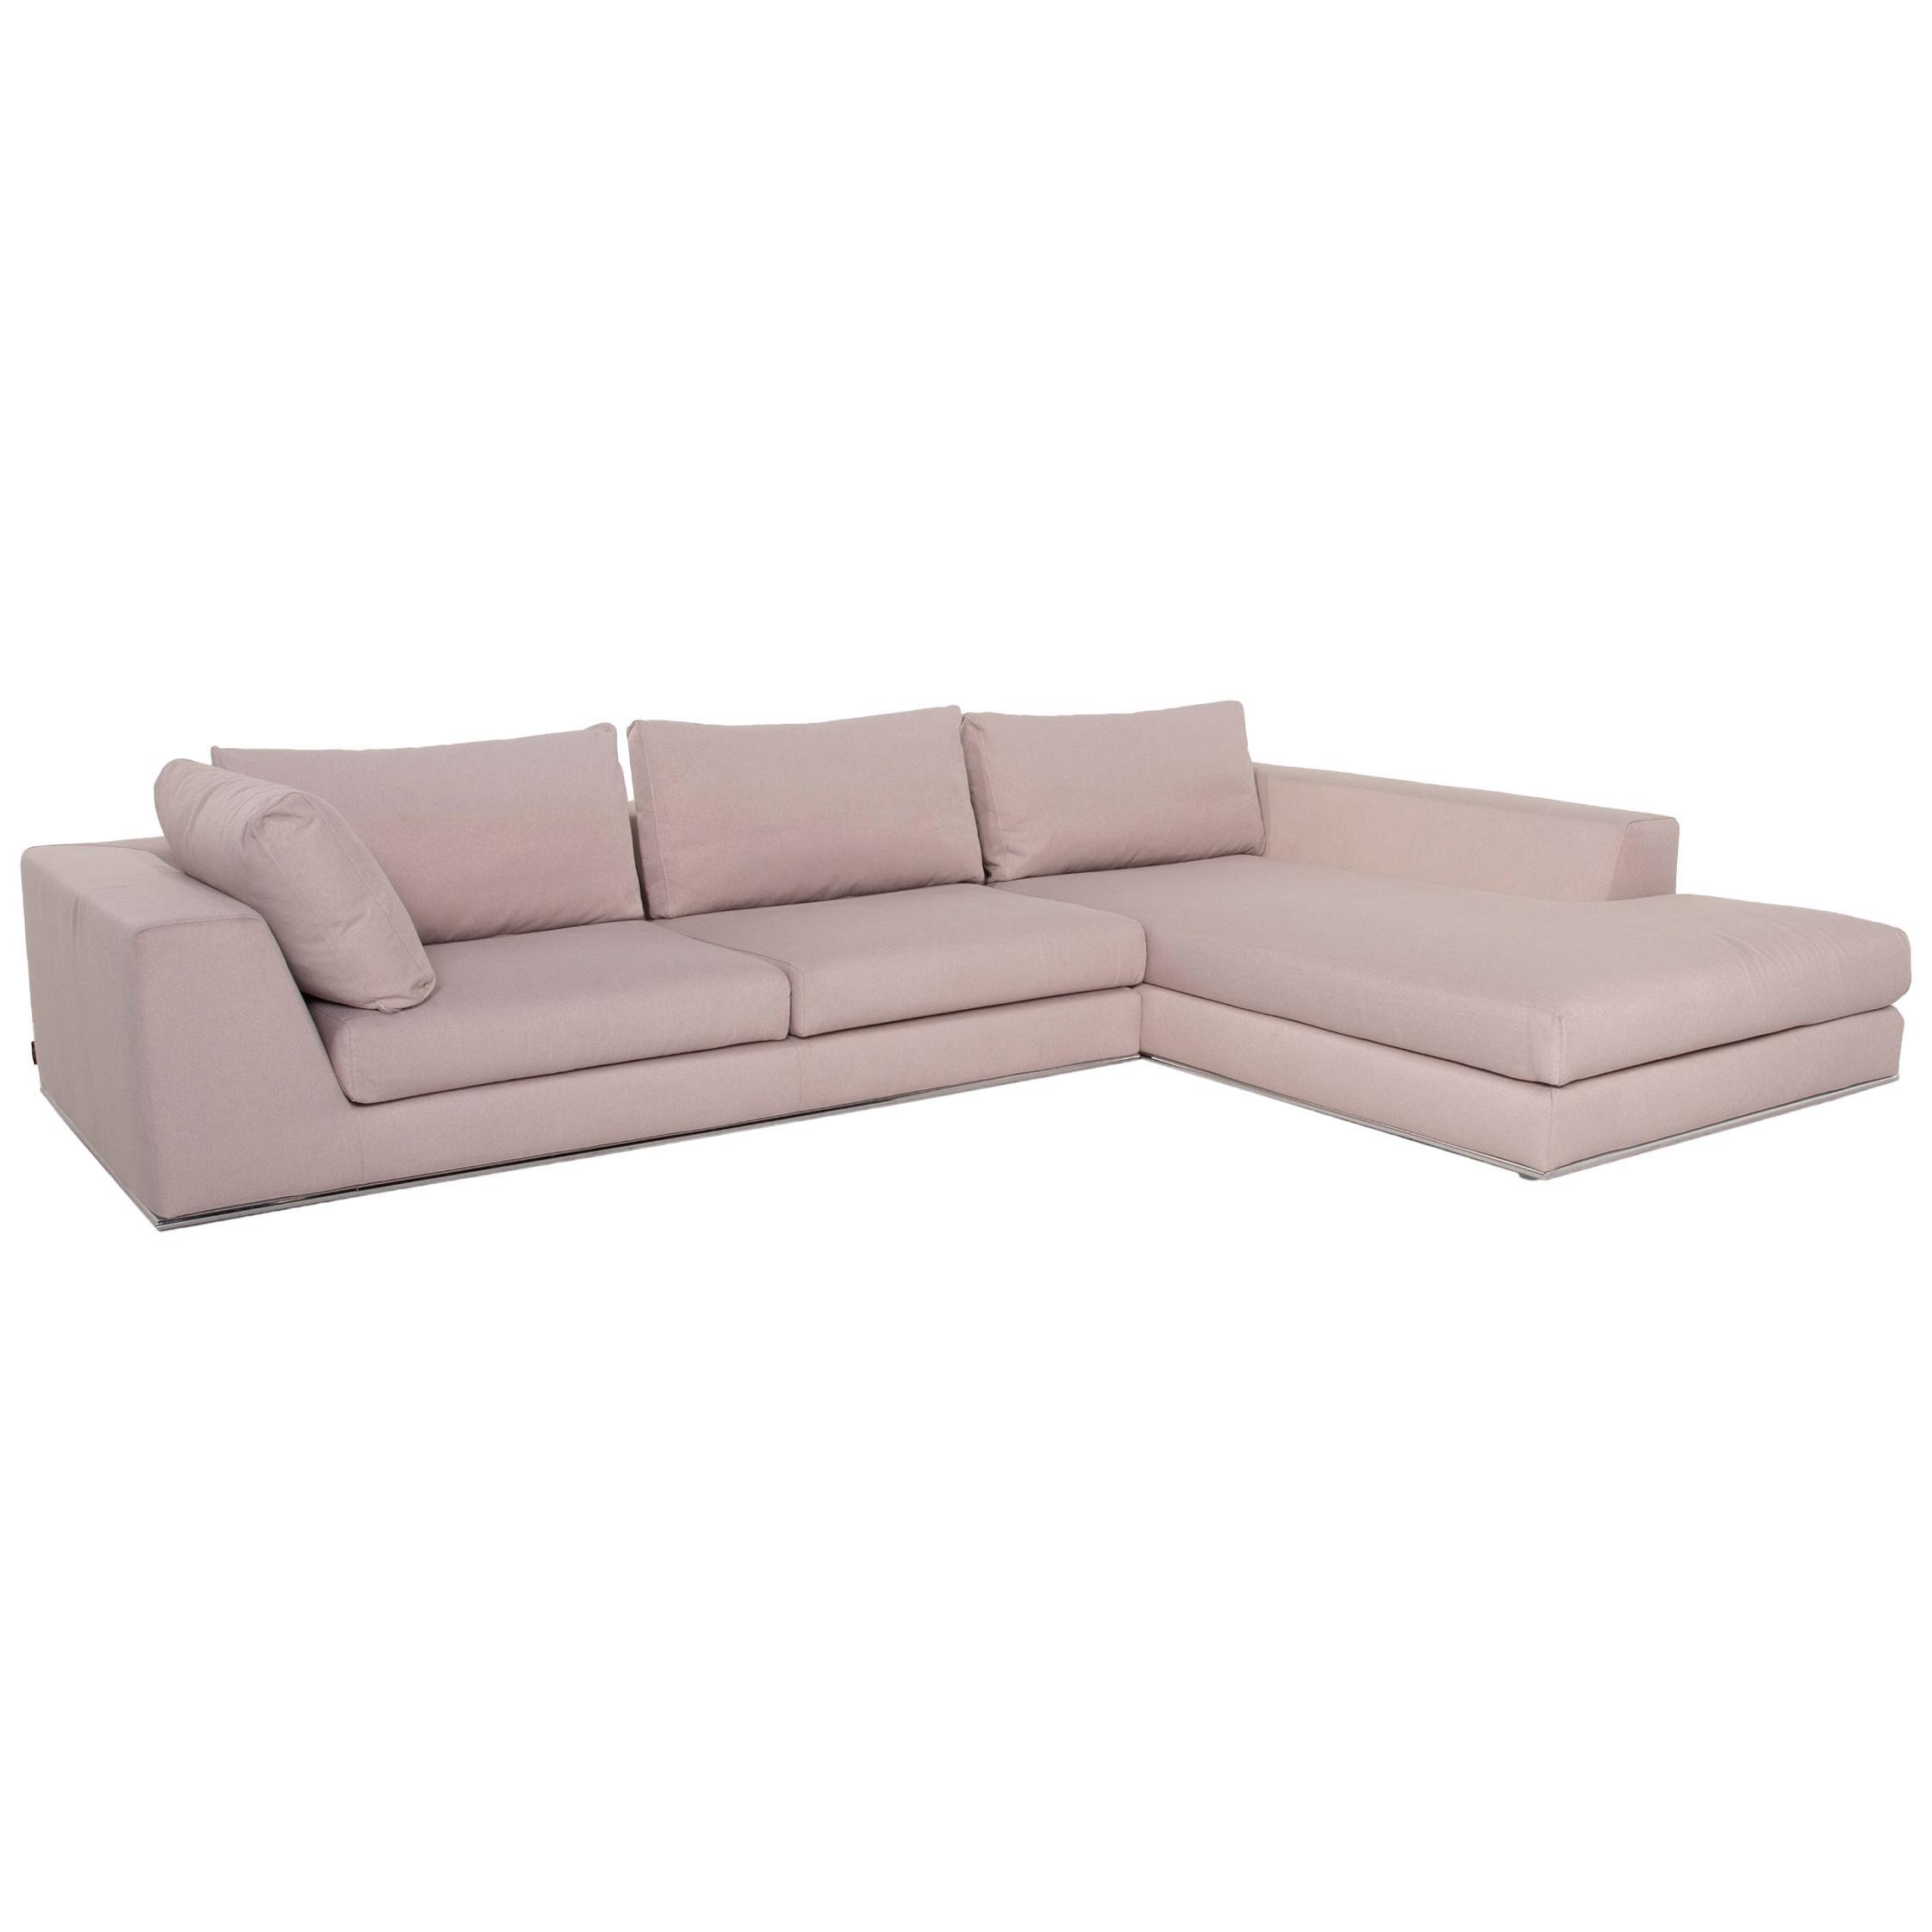 Who's Perfect La Nuova Casa Liverpool Fabric Sofa Beige